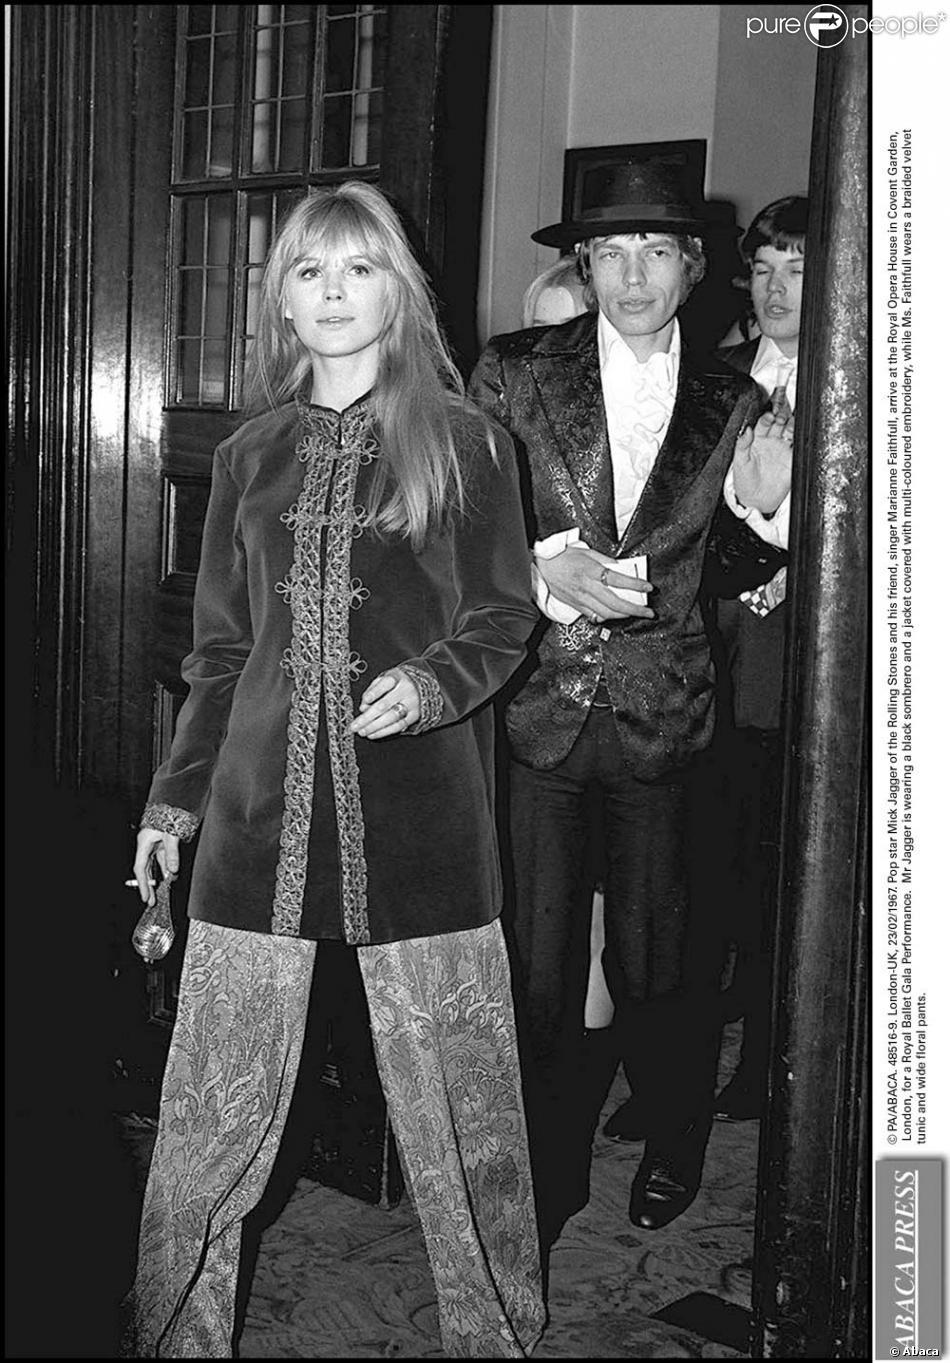 Marianne Faithfull et Mick Jagger dans les années 1960 - Purepeople 7a2a99cf0b42